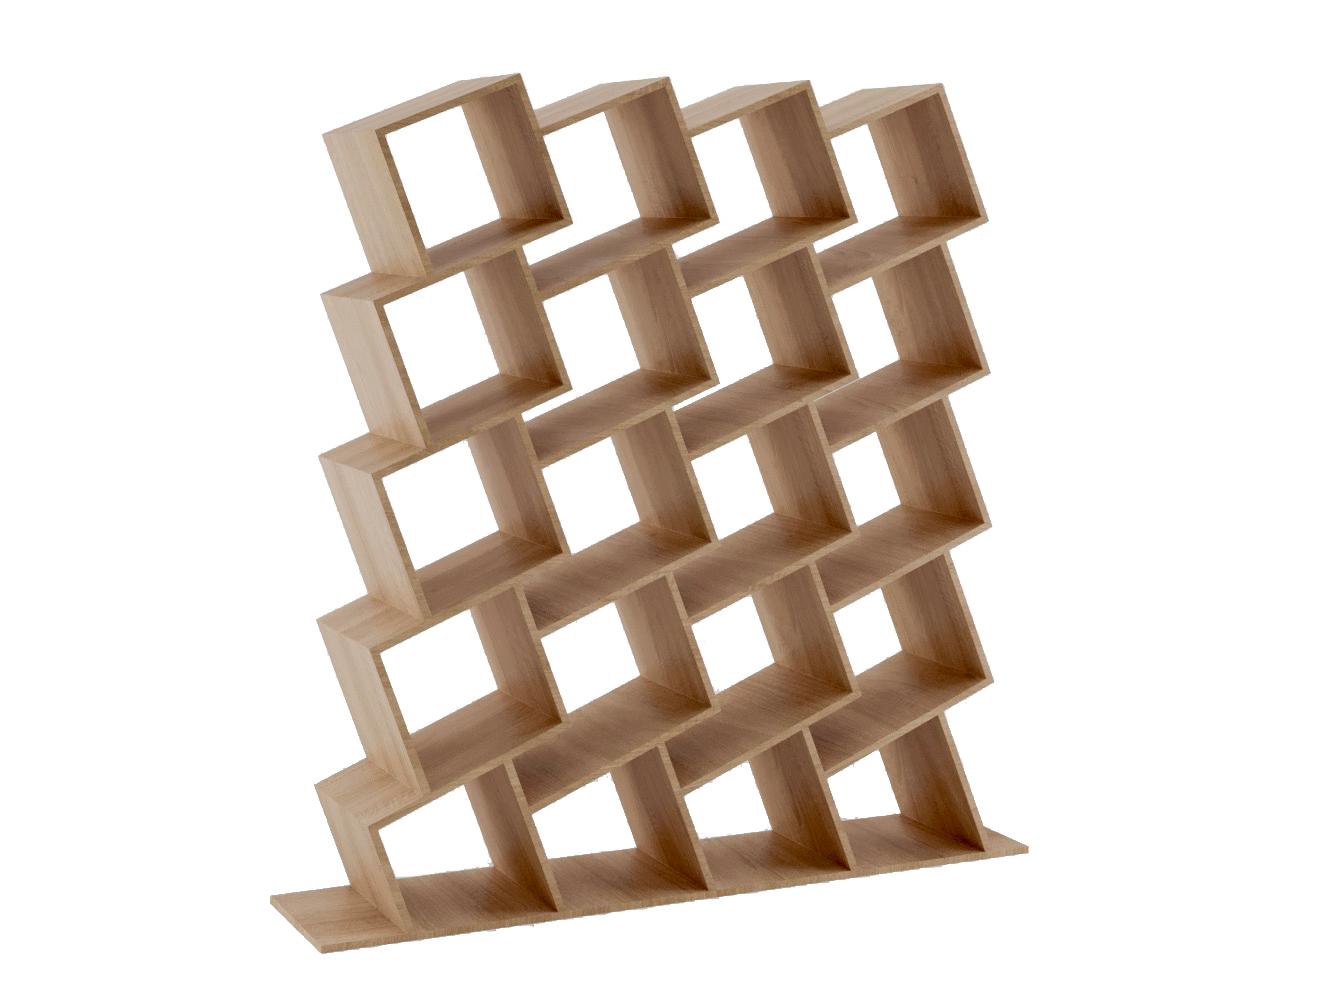 Стеллаж Матрица светлый 4Стеллажи и этажерки<br>Нетривиальный дизайнерский стеллаж от ODINGENIY, однозначно приковывает взгляд Возможны другие отделкиМатериал: МДФ, шпон